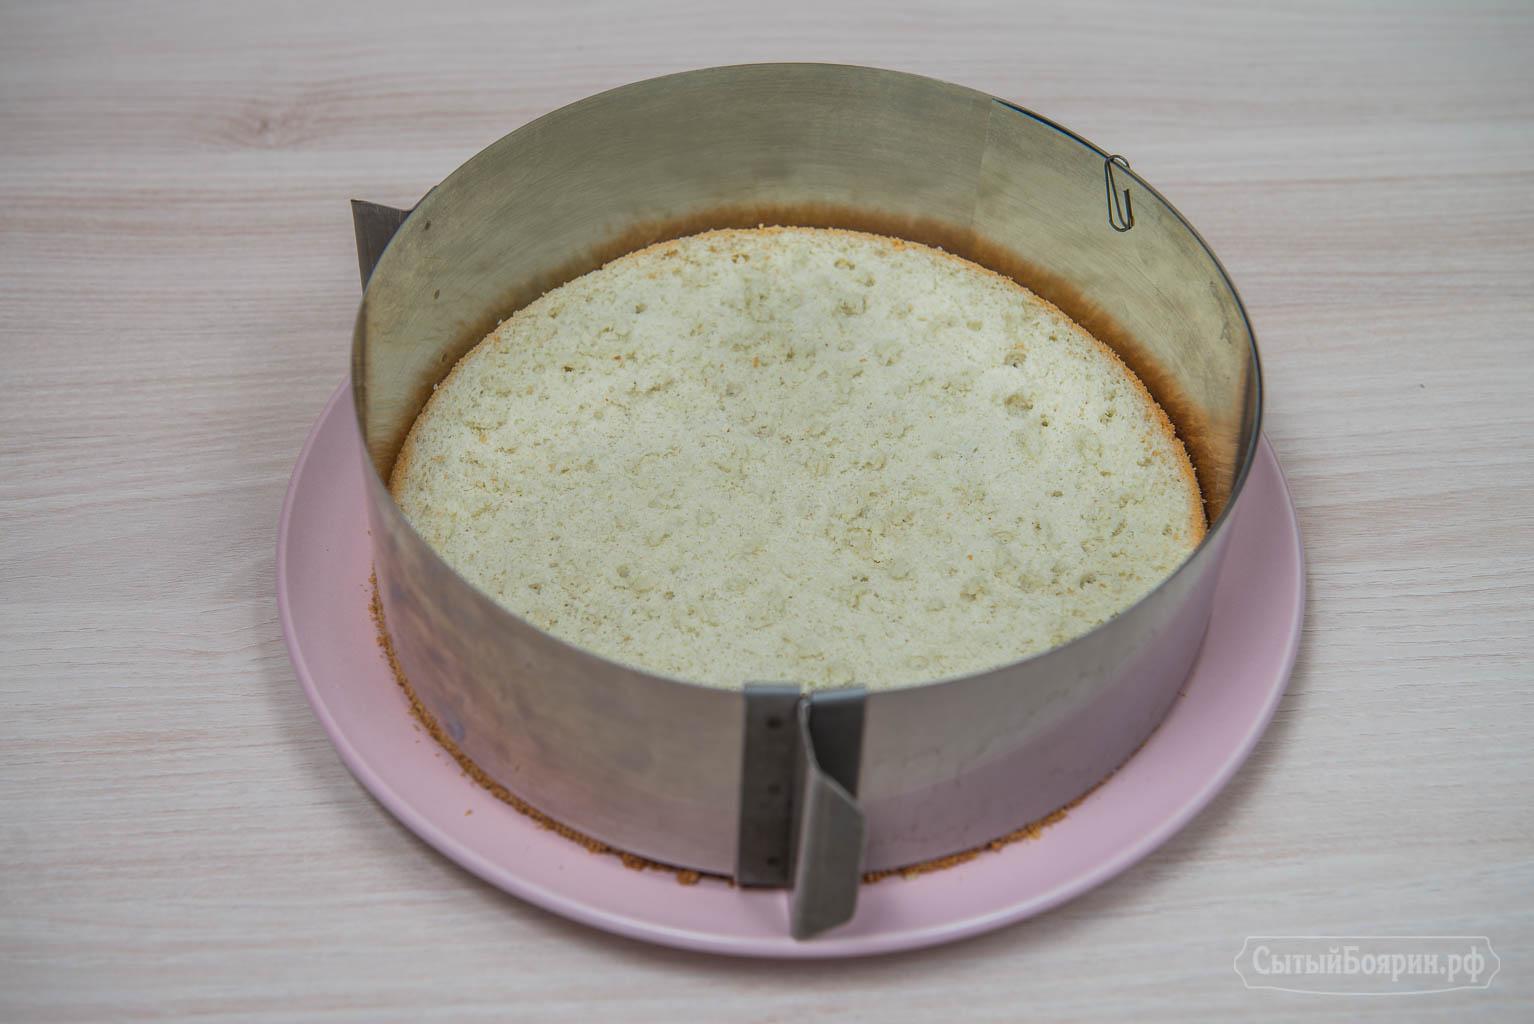 Пошаговое фото как приготовить птичье молоко